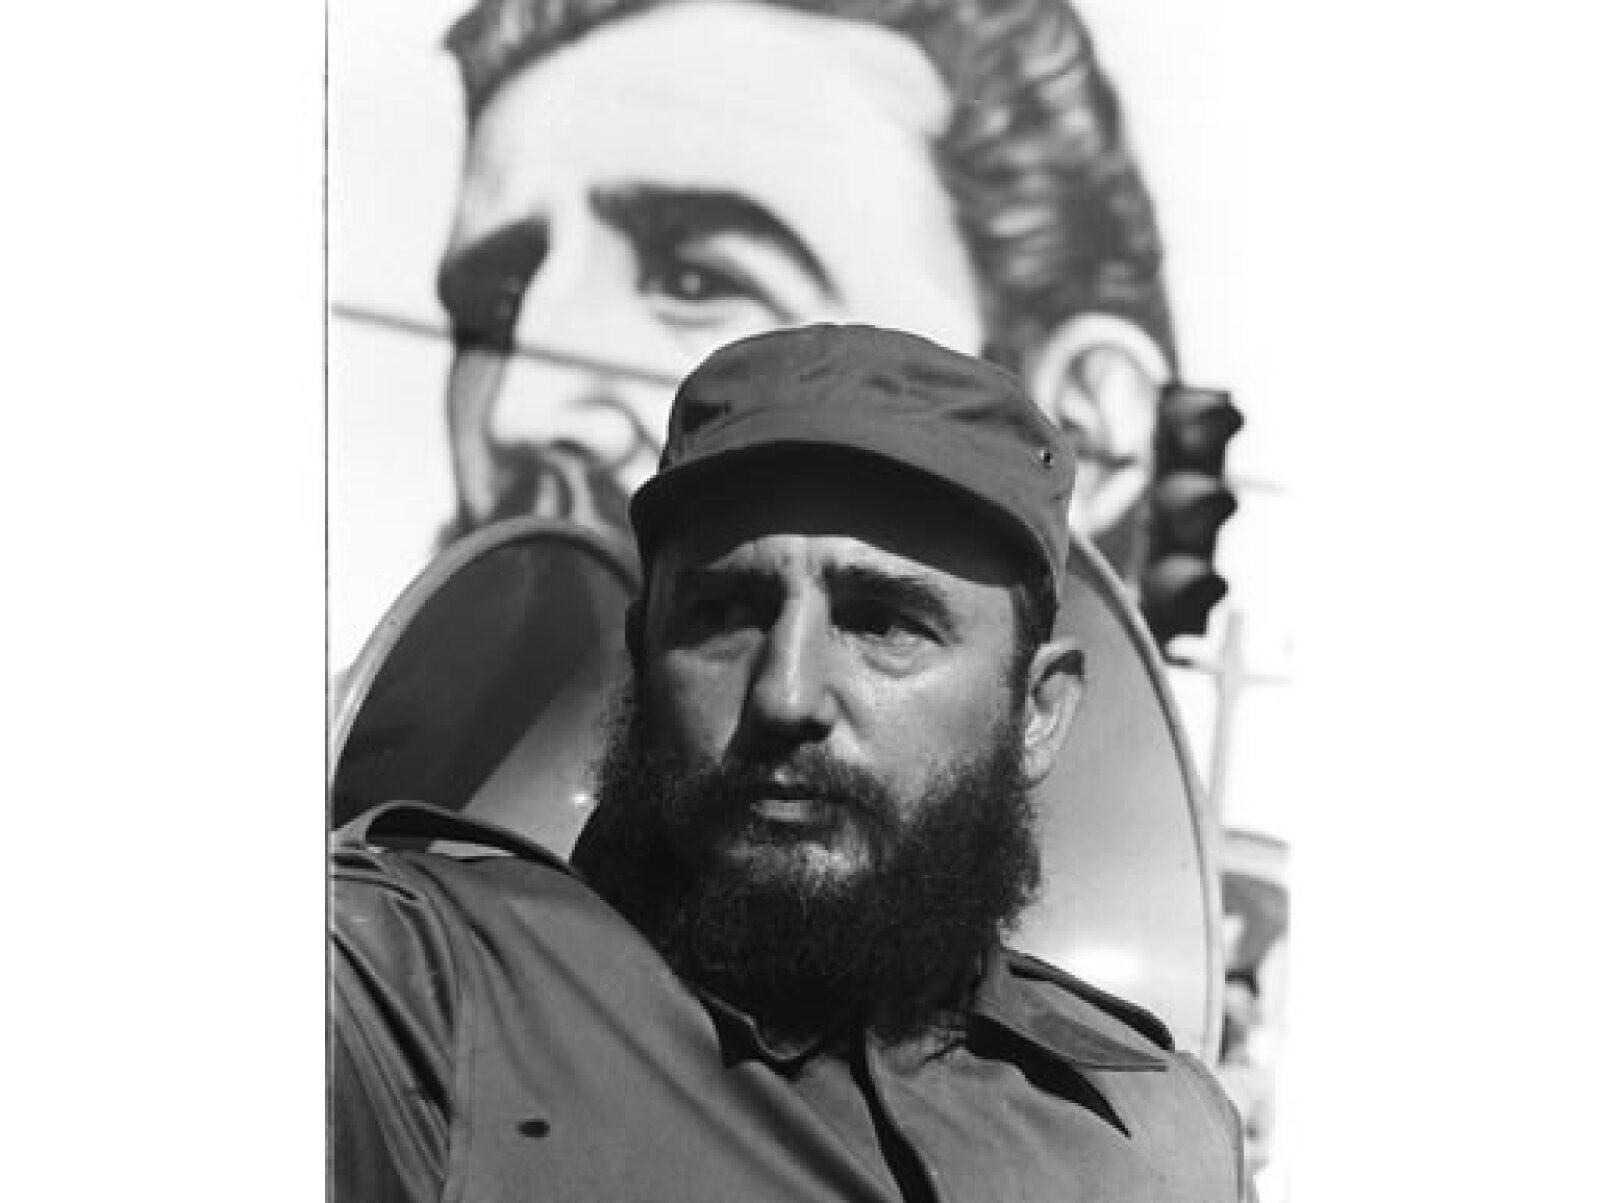 La predilección de Fidel Castro hacia los deportes se tradujo en un incondicional apoyo a los deportistas de su país. Cuba se convirtió pronto en una potencia a nivel mundial en diversas prácticas.